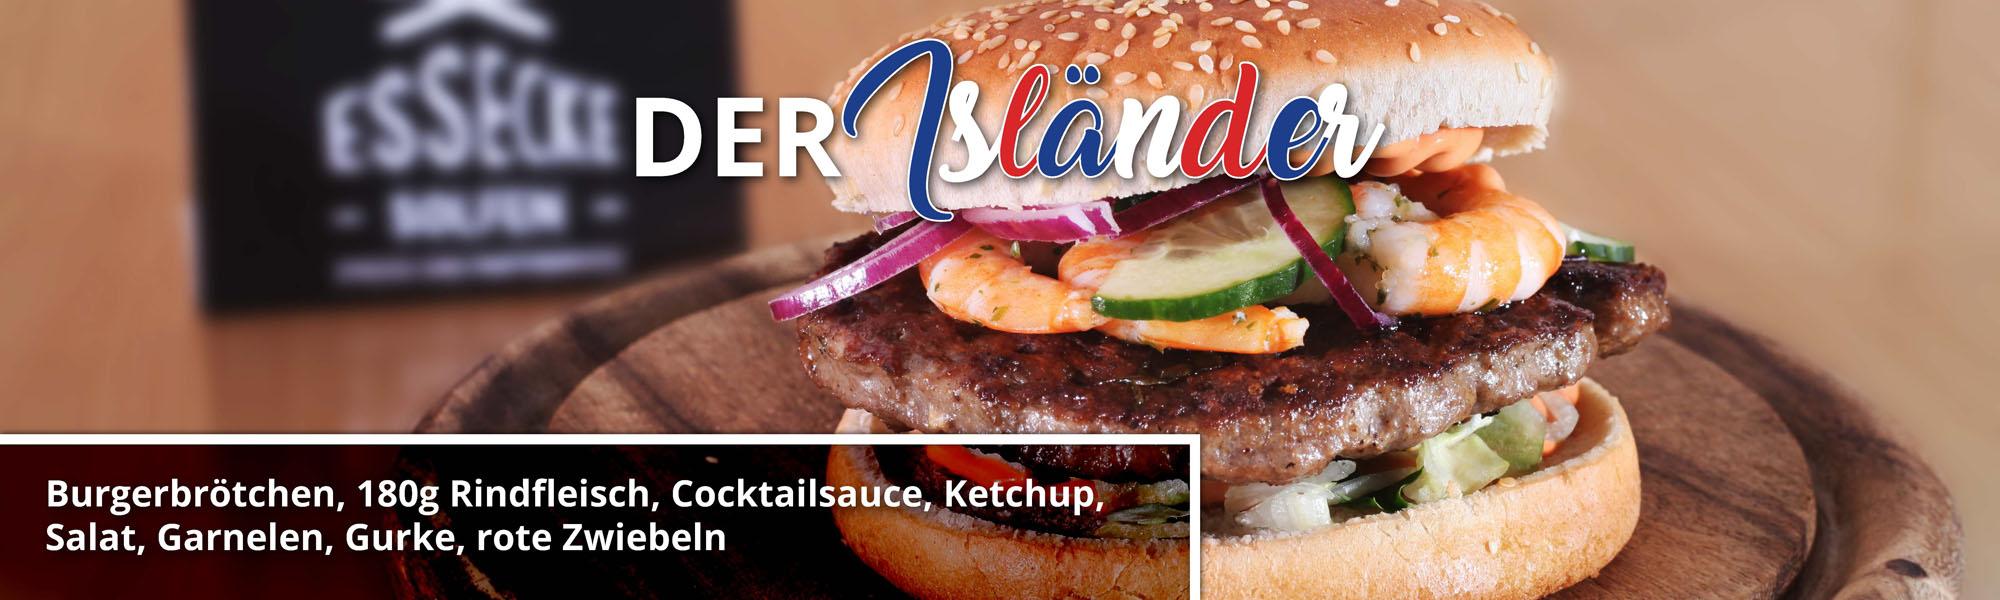 Essecke Solfen Lemgo Burger Der Isländer